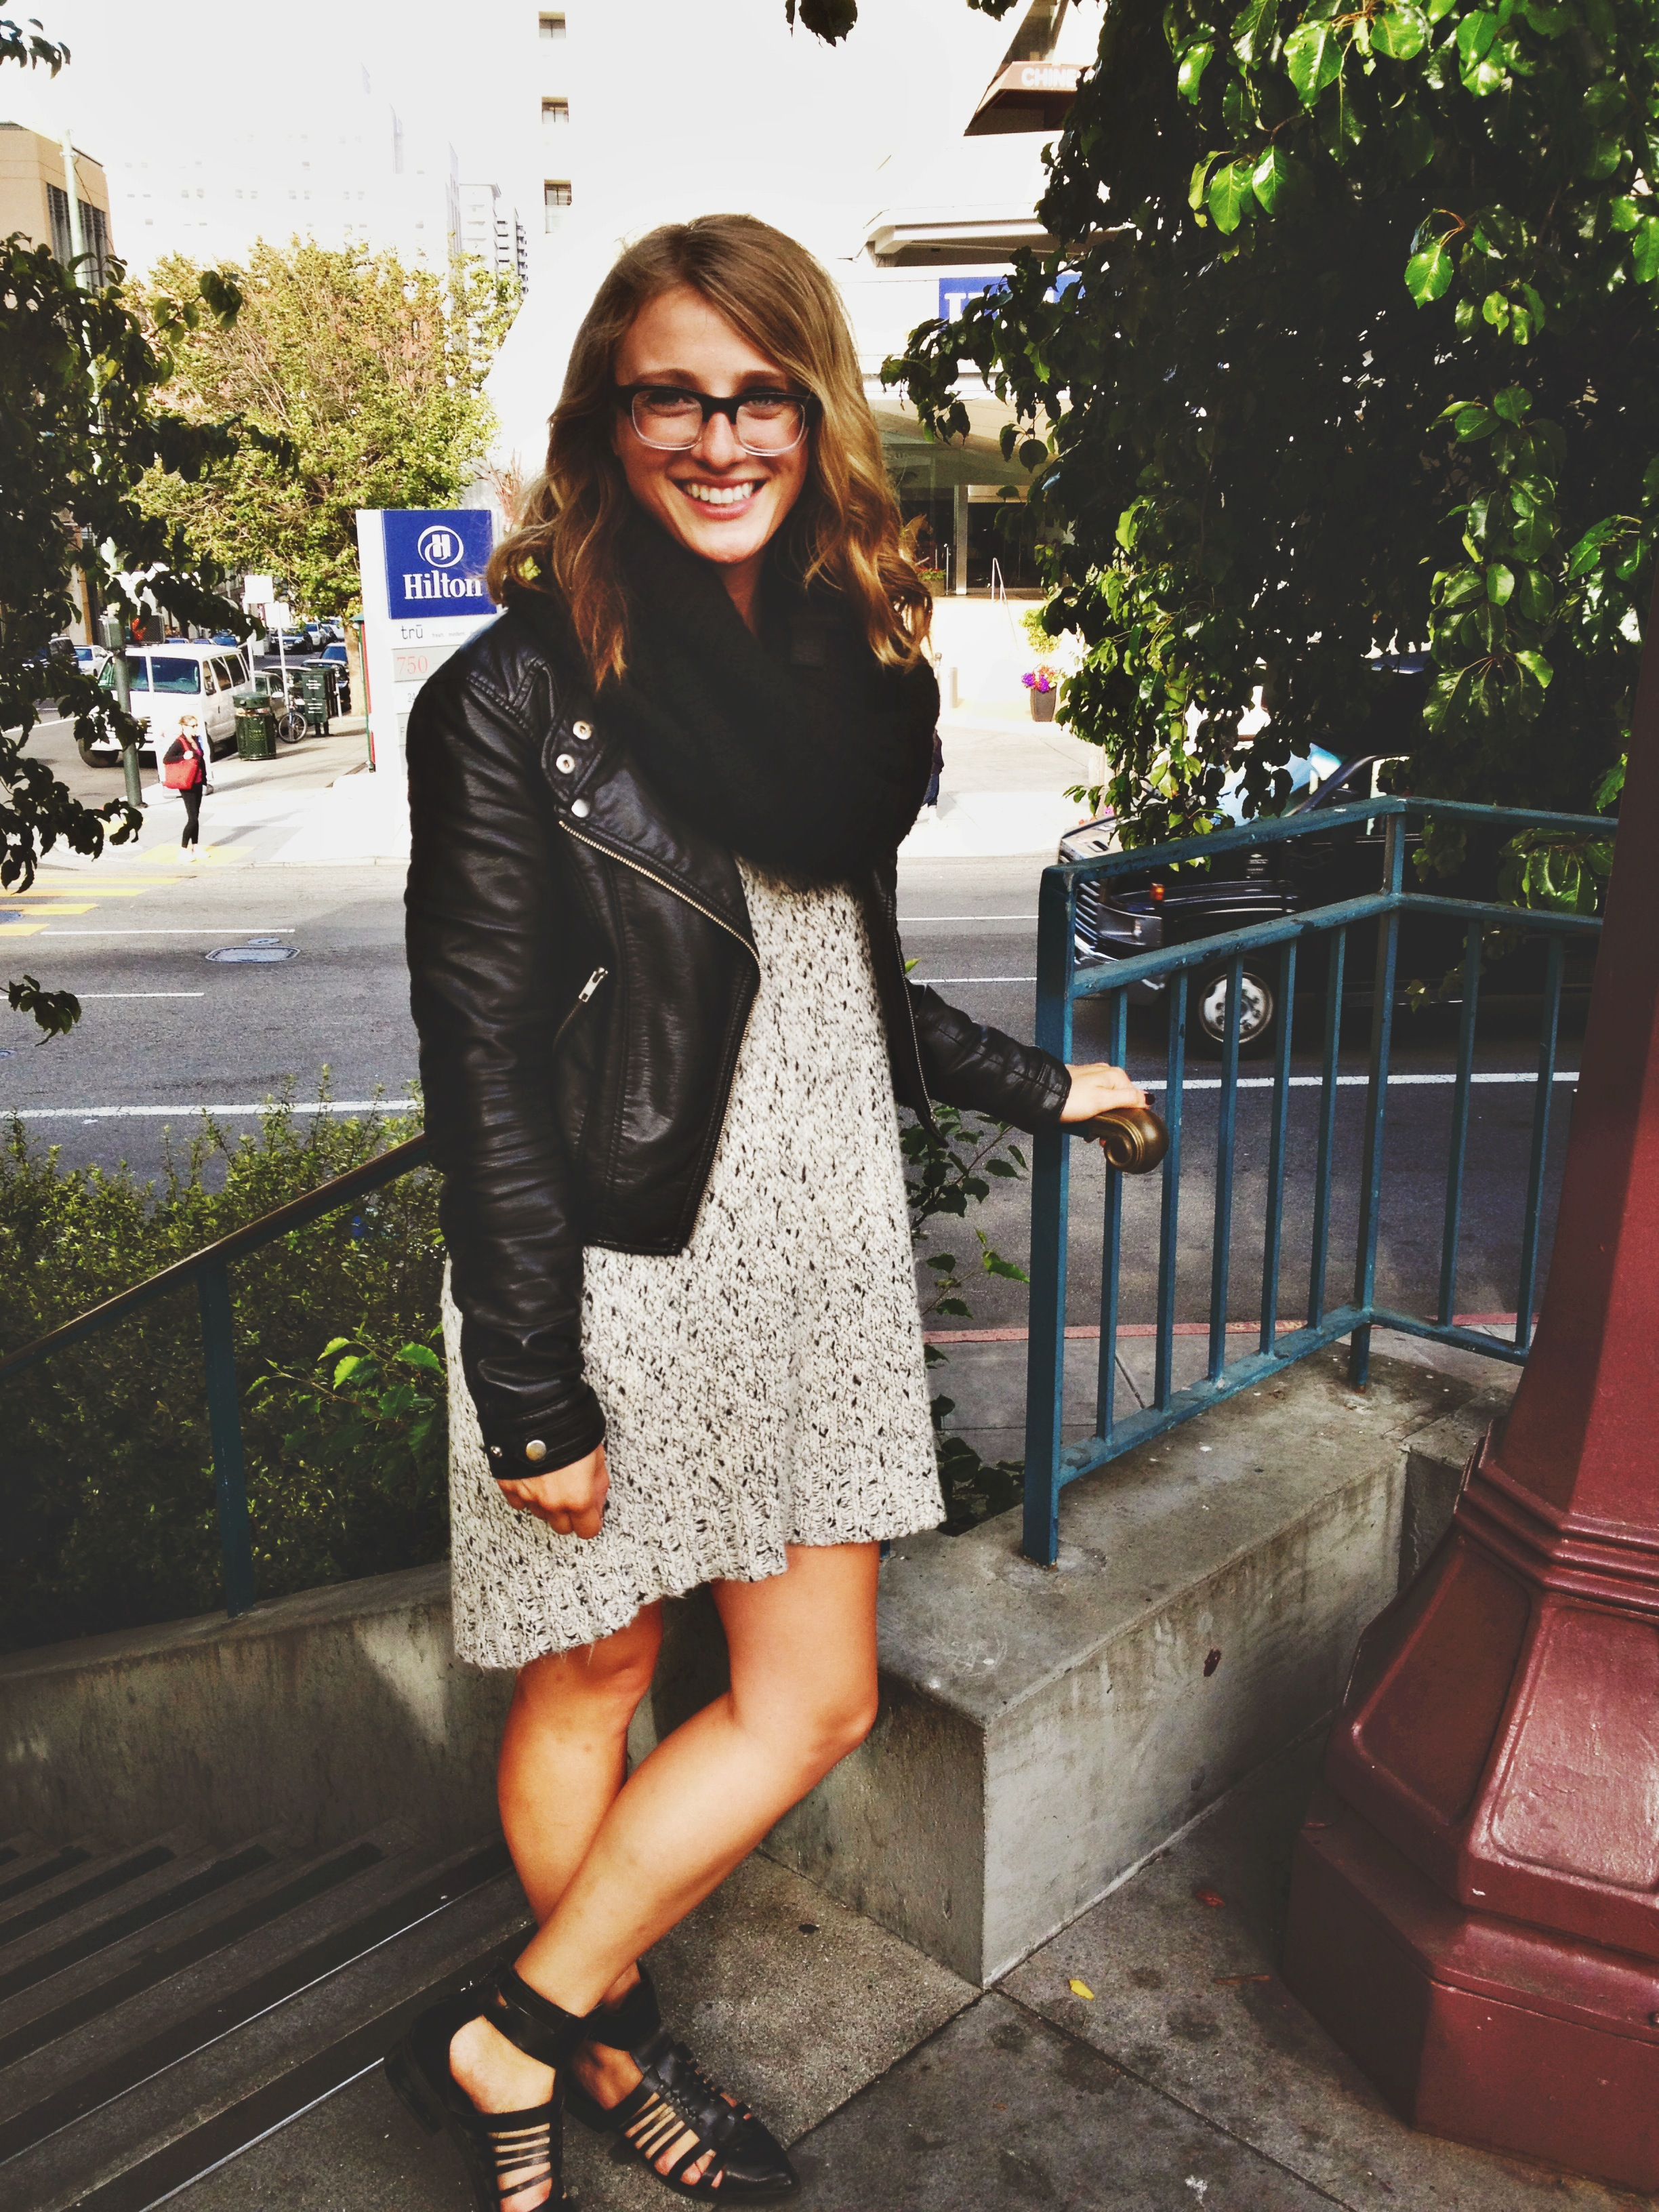 Jacket: F21 | Sweater Dress: H&M | Scarf: Macy's | Shoes: Zara